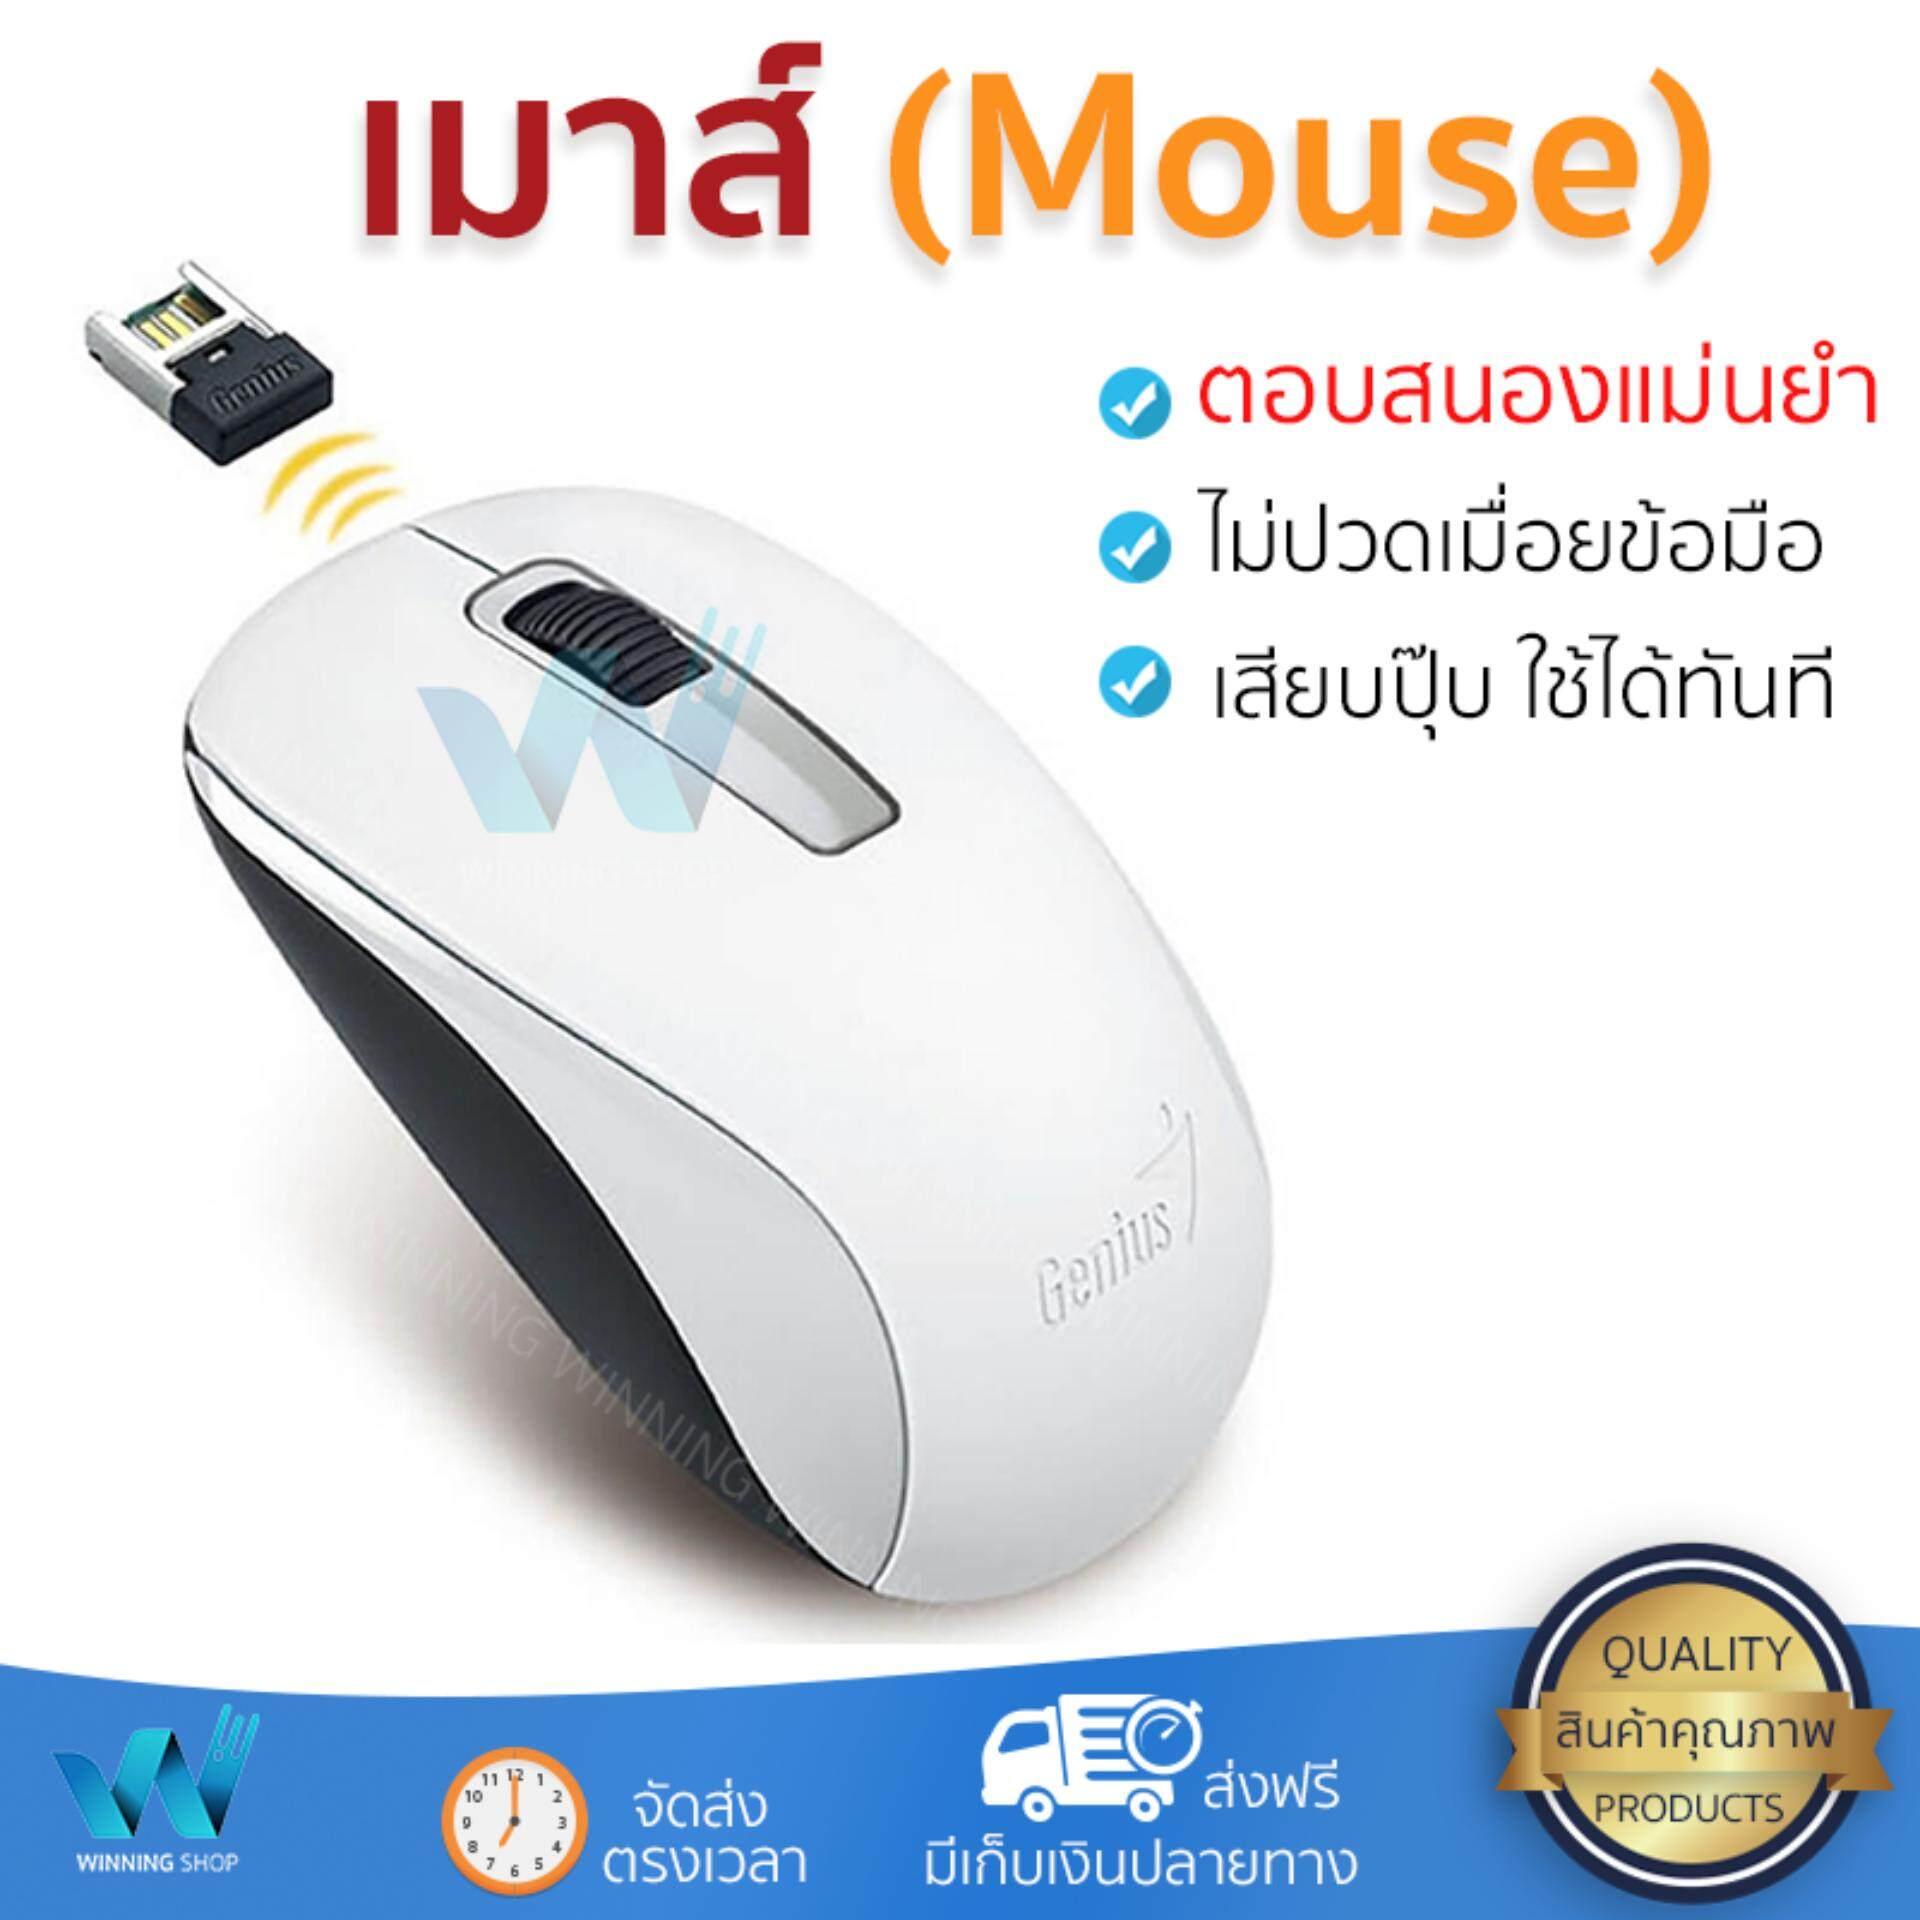 ขายดีมาก! รุ่นใหม่ล่าสุด เมาส์           GENIUS เมาส์ไร้สาย (สีขาว) รุ่น NX-7005             เซนเซอร์คุณภาพสูง ทำงานได้ลื่นไหล ไม่มีสะดุด Computer Mouse  รับประกันสินค้า 1 ปี จัดส่งฟรี Kerry ทั่วประเท